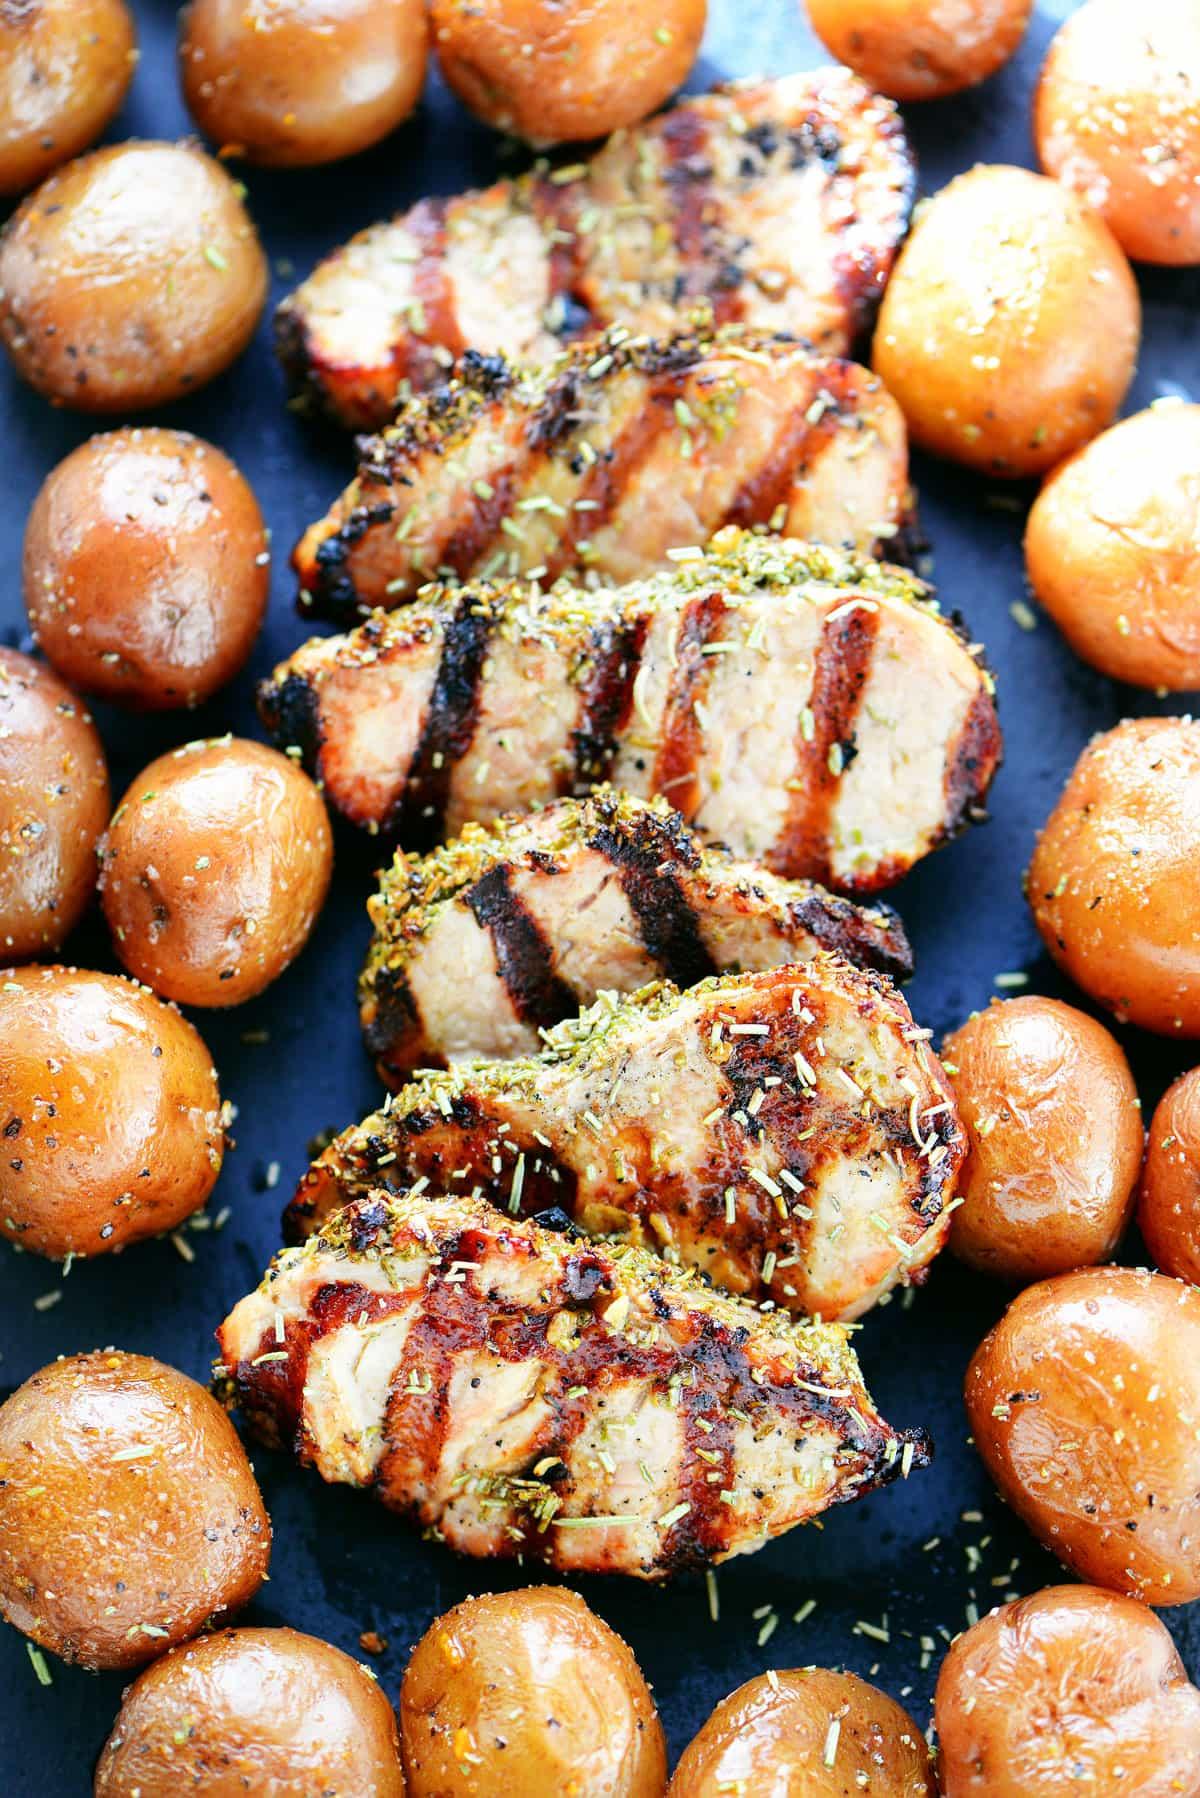 Garlic Rosemary Pork Tenderloin Recipe